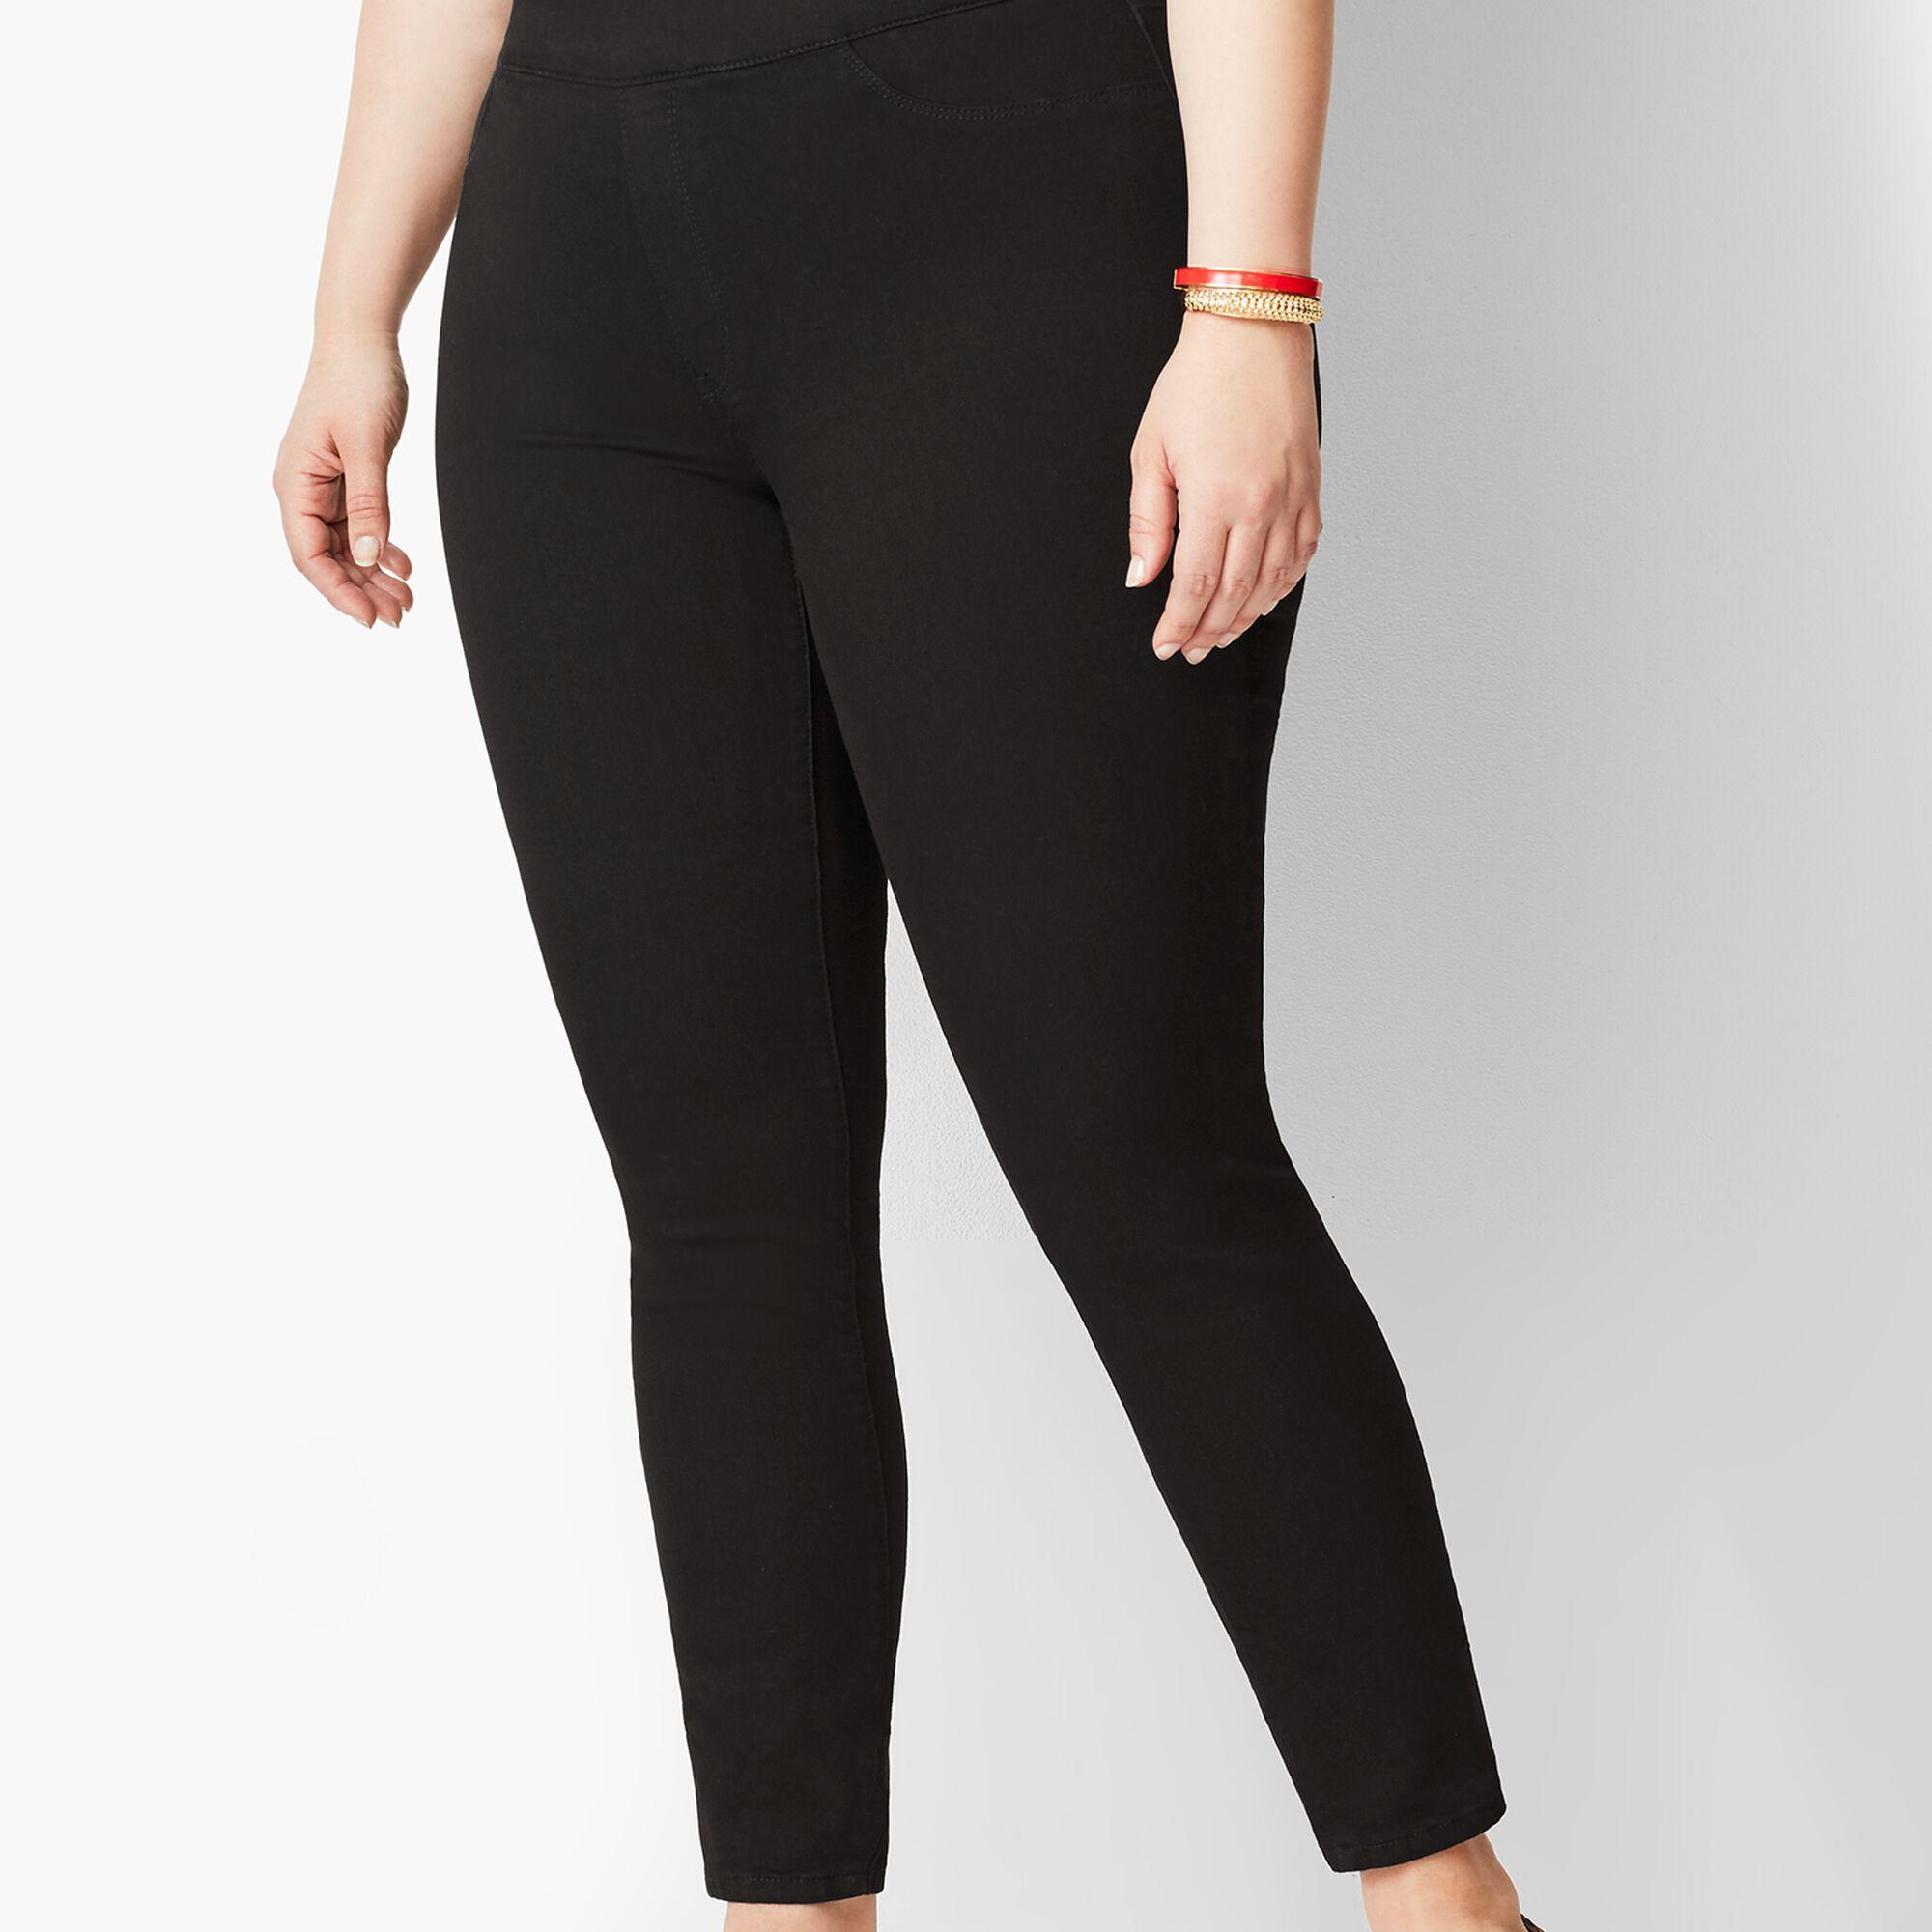 d08e4190ace0e Plus Size Pull-On Denim Jegging - Black | Talbots